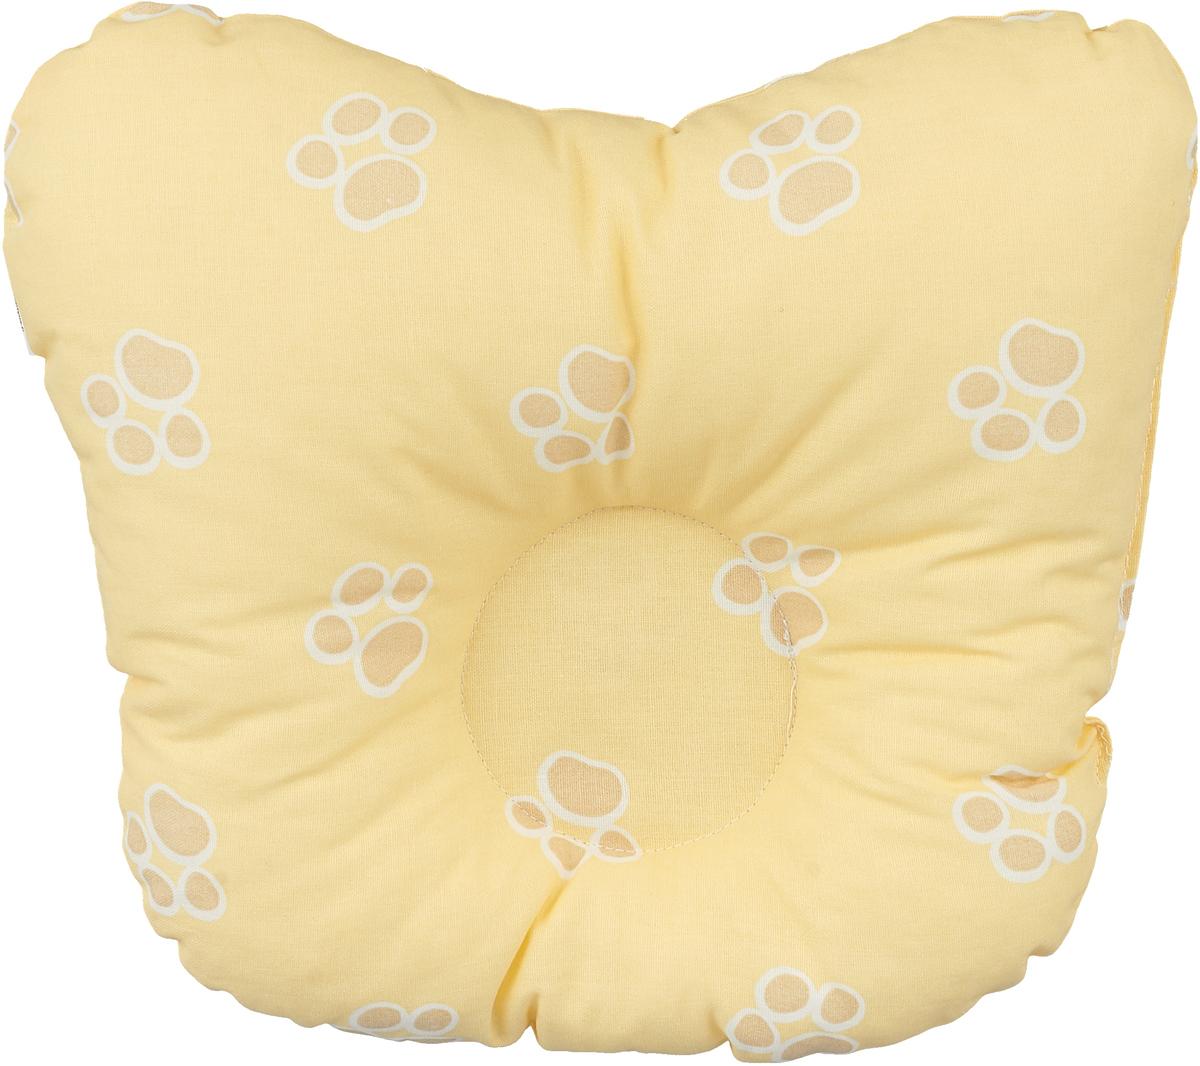 Сонный гномик Подушка анатомическая для младенцев Лапки цвет желтый 27 х 27 см борт в кроватку сонный гномик считалочка бежевый бсс 0358105 4